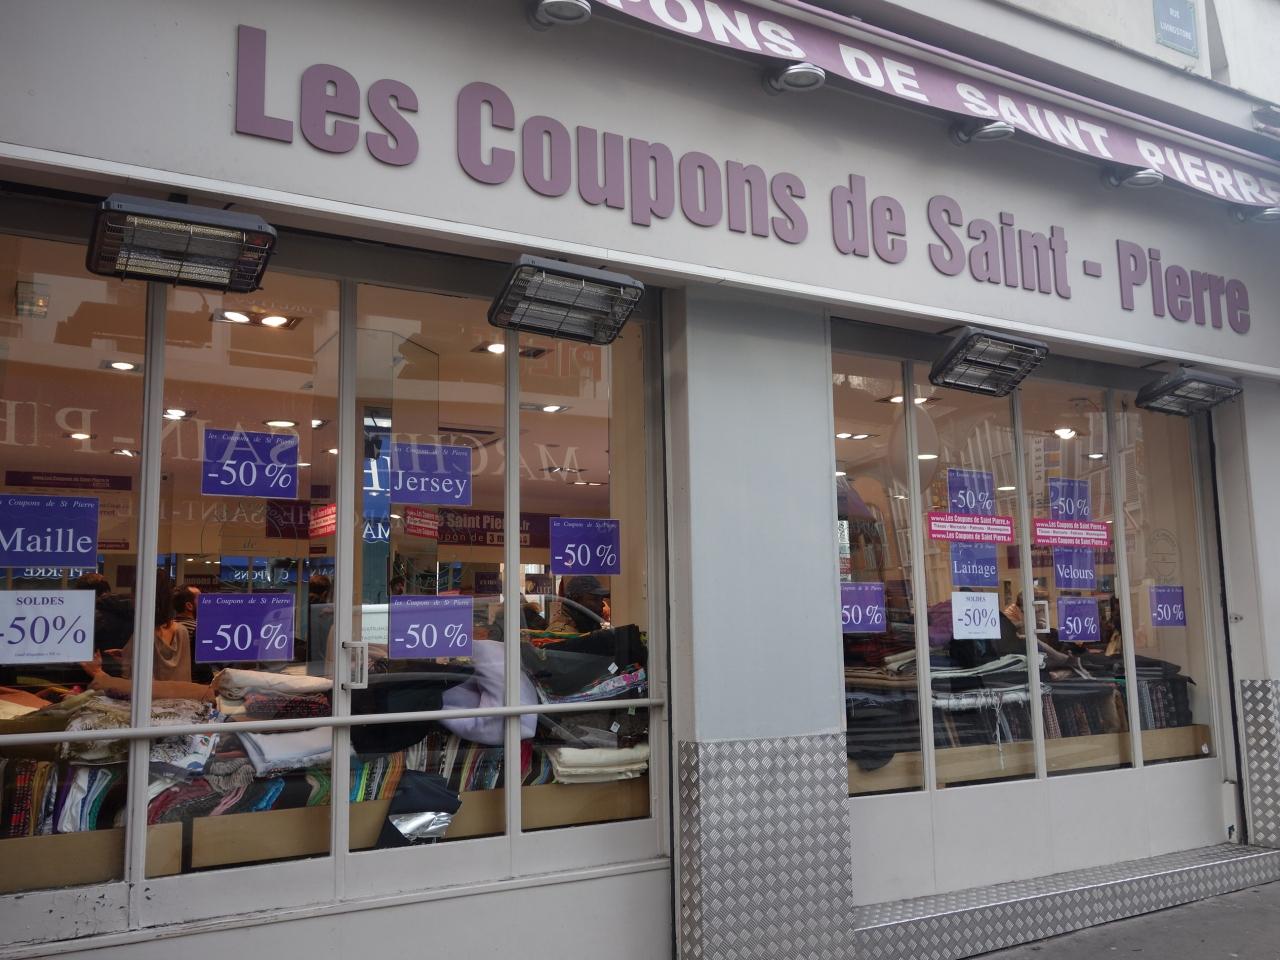 Les coupons de saint pierre - Les coupons de saint pierre paris ...